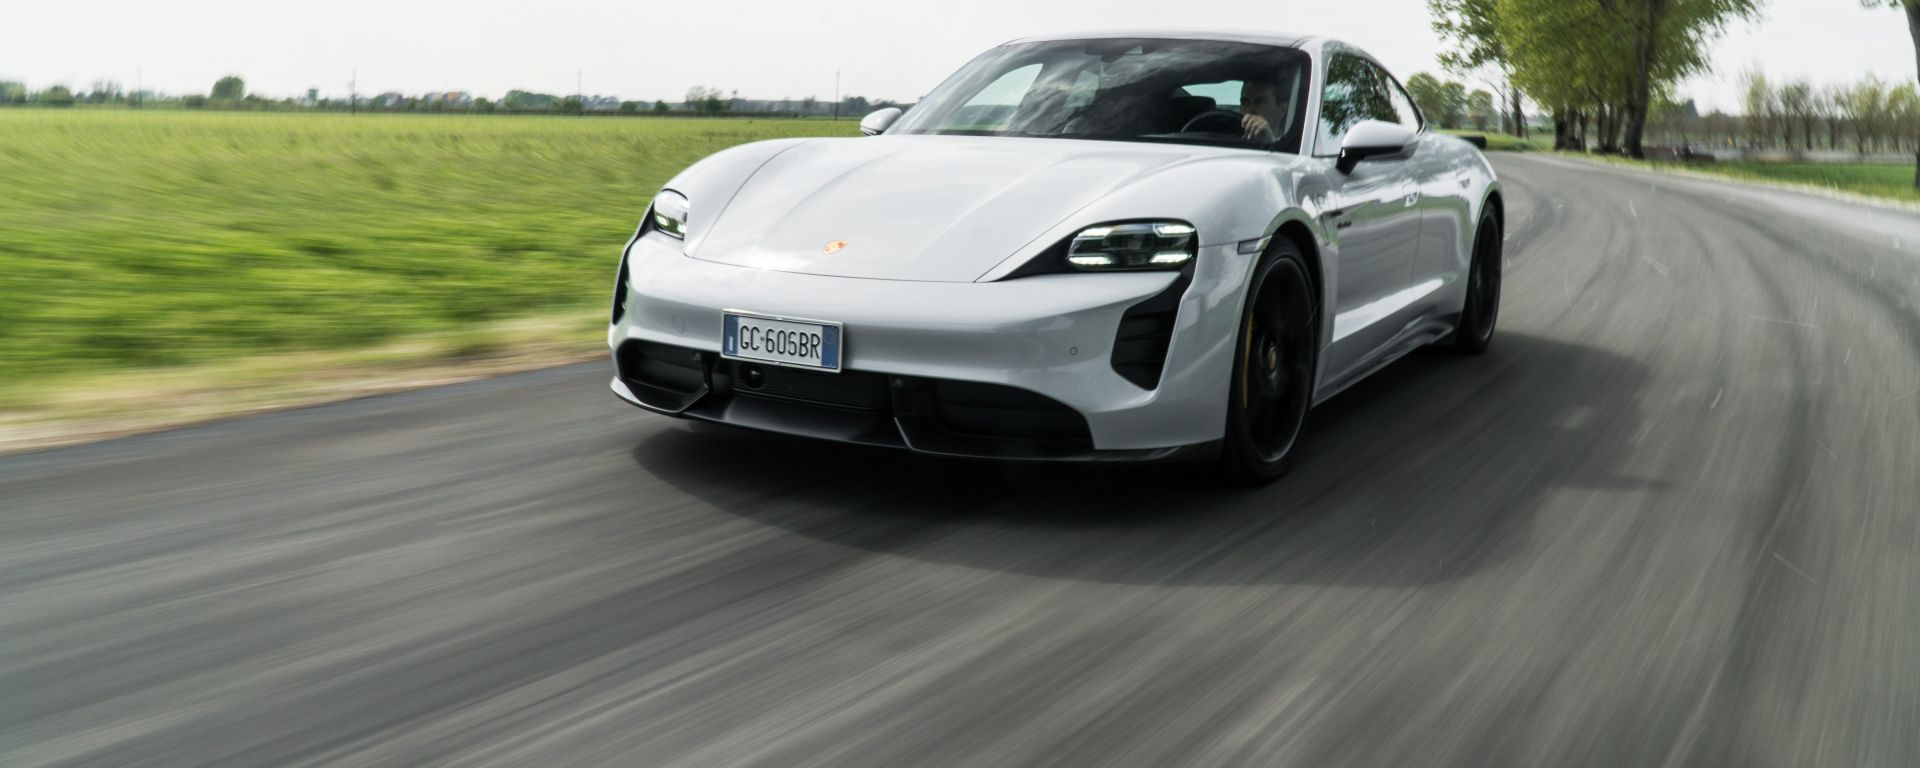 Porsche Taycan Turbo S: la granturismo elettrica su strada